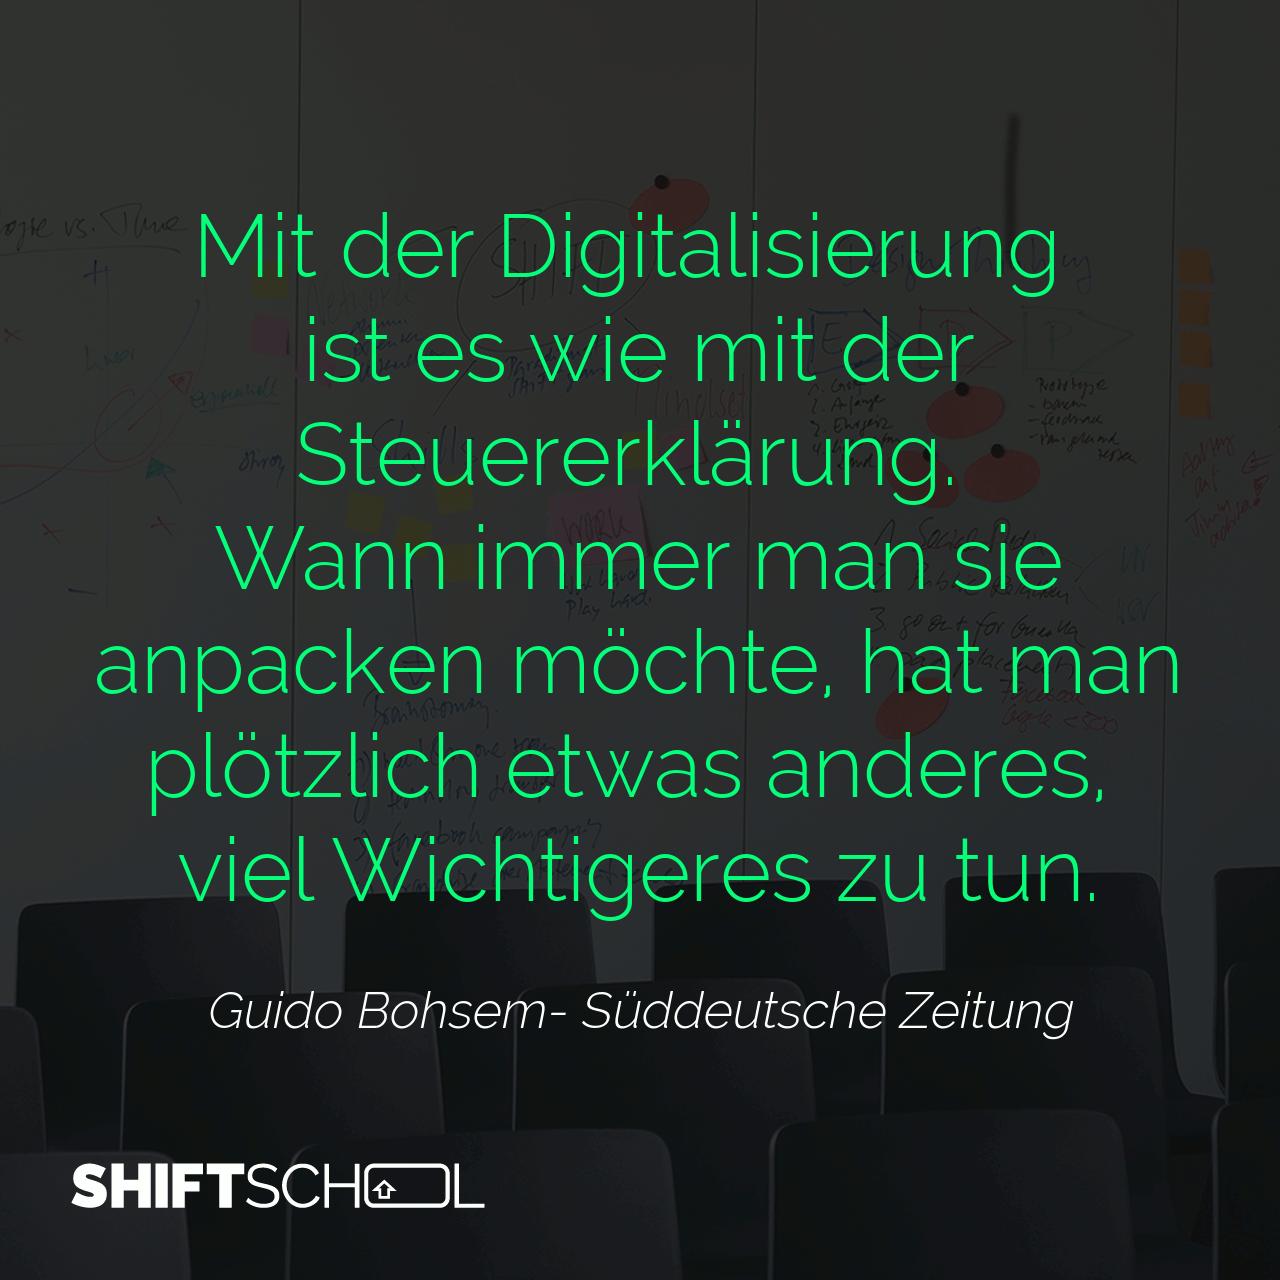 Jetzt wird in die Hände gespuckt... #aufgehts #keineausreden #digitalisierung #mindshift #nodigitalprocrastination